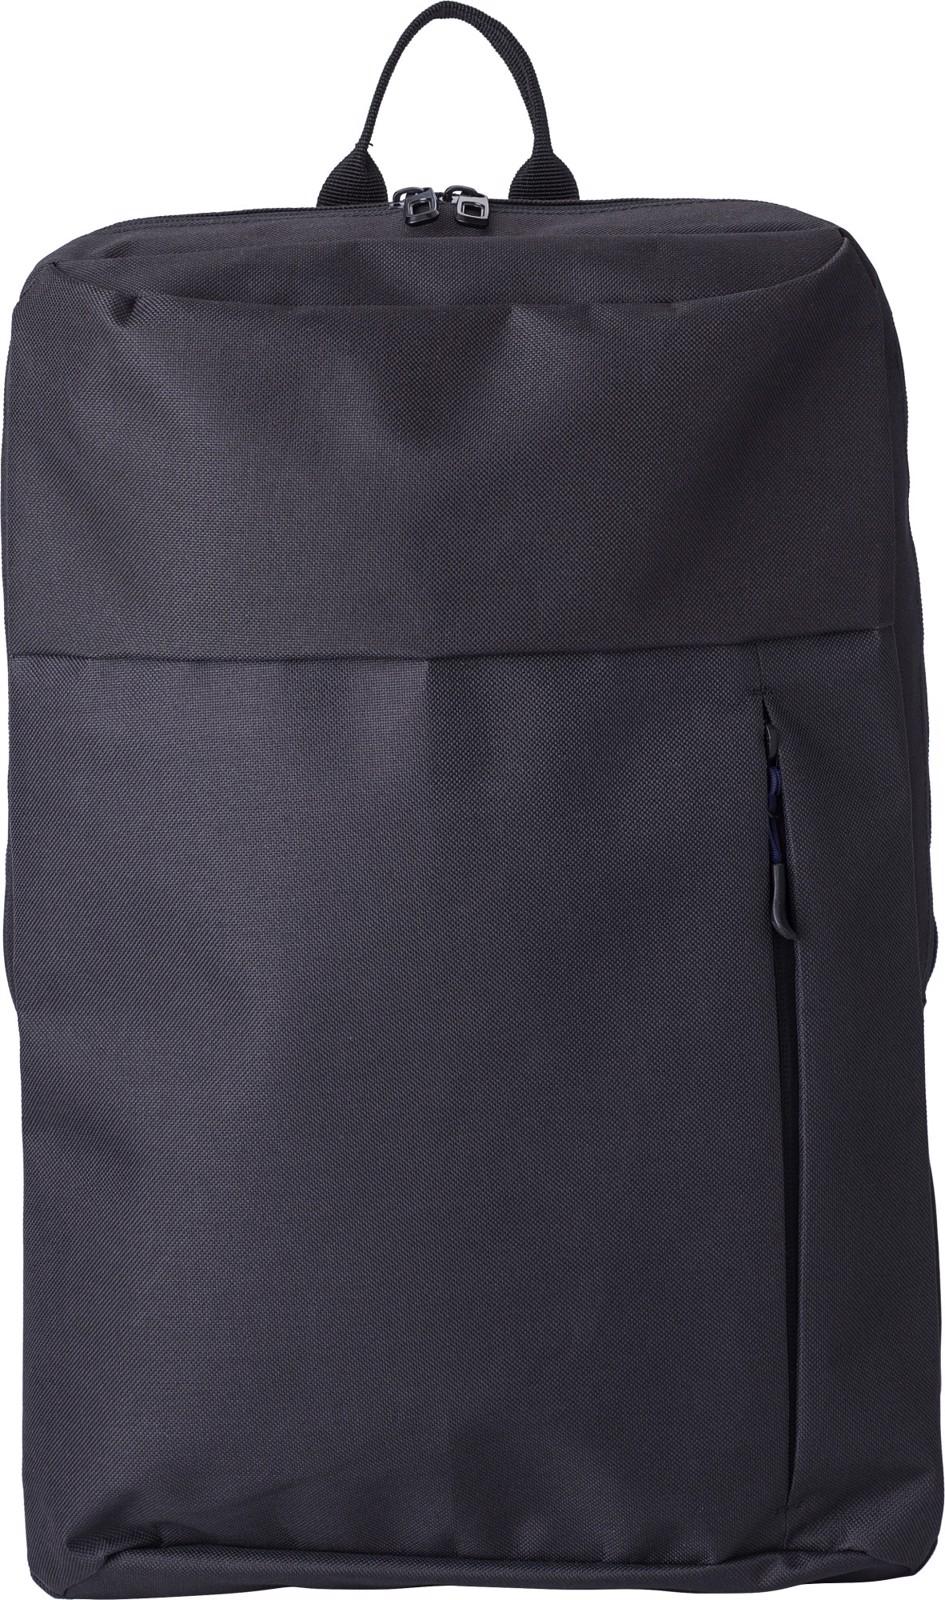 Polyester (600D) backpack - Black